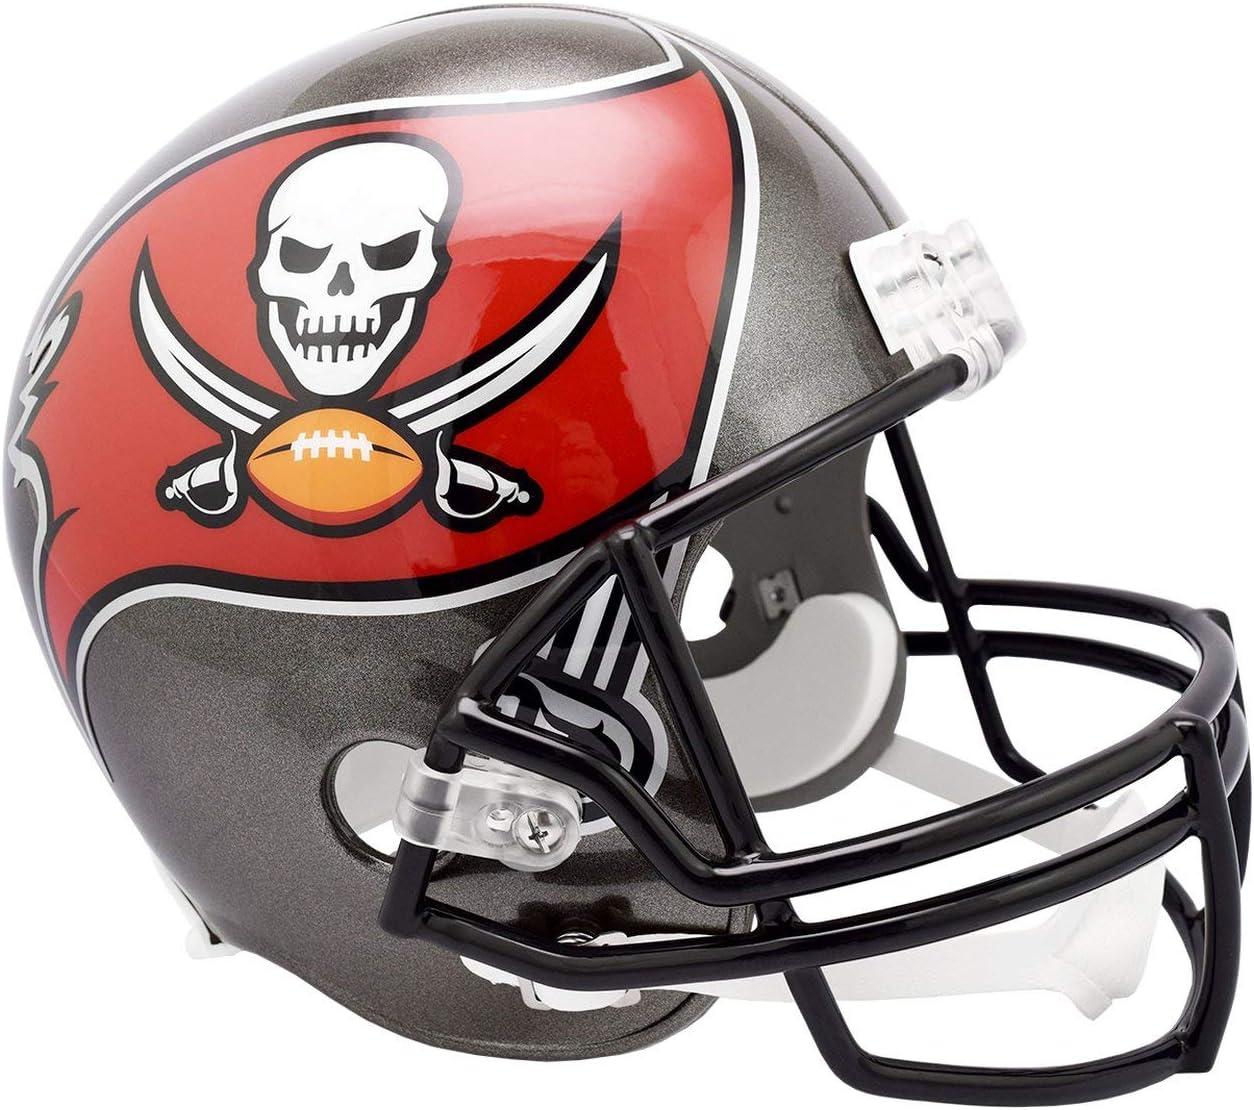 The Best Buccaneers Helmet